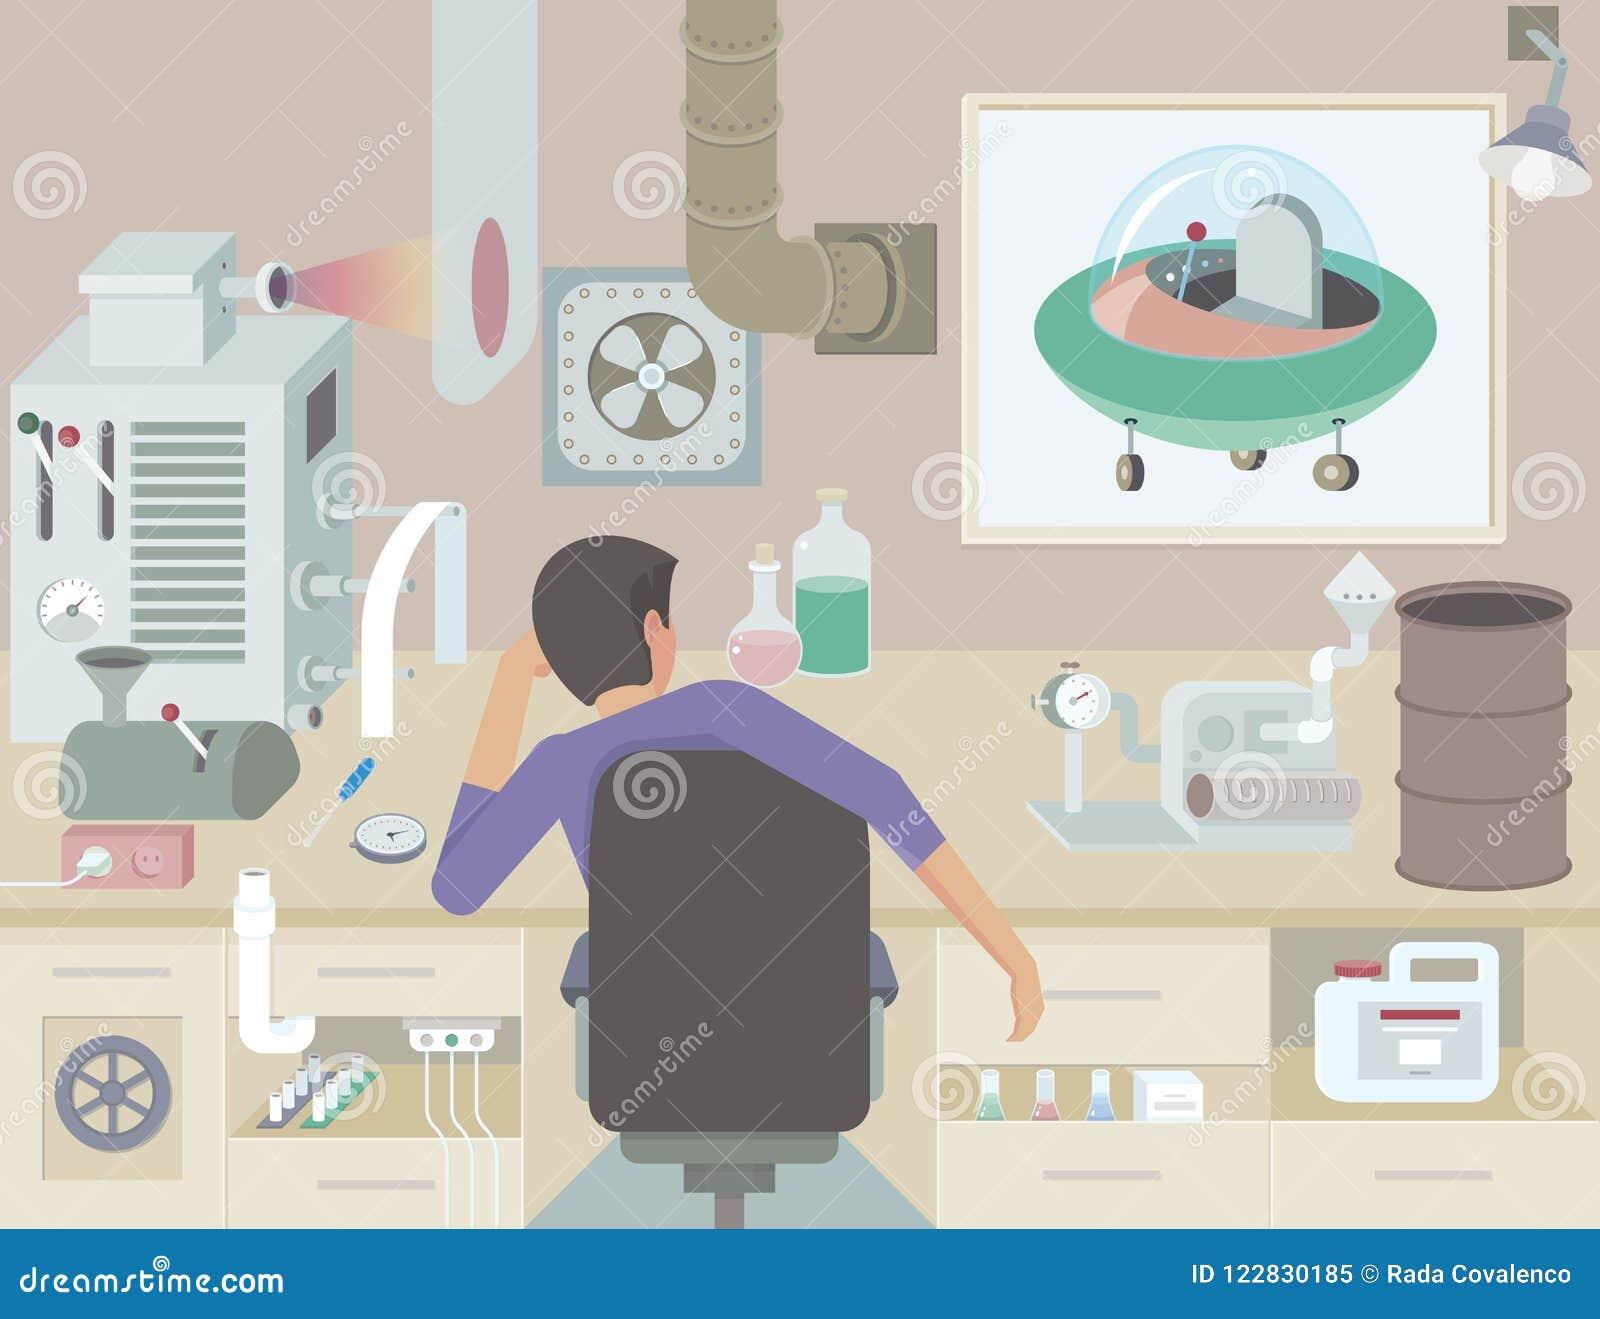 De uitvinder op het werk